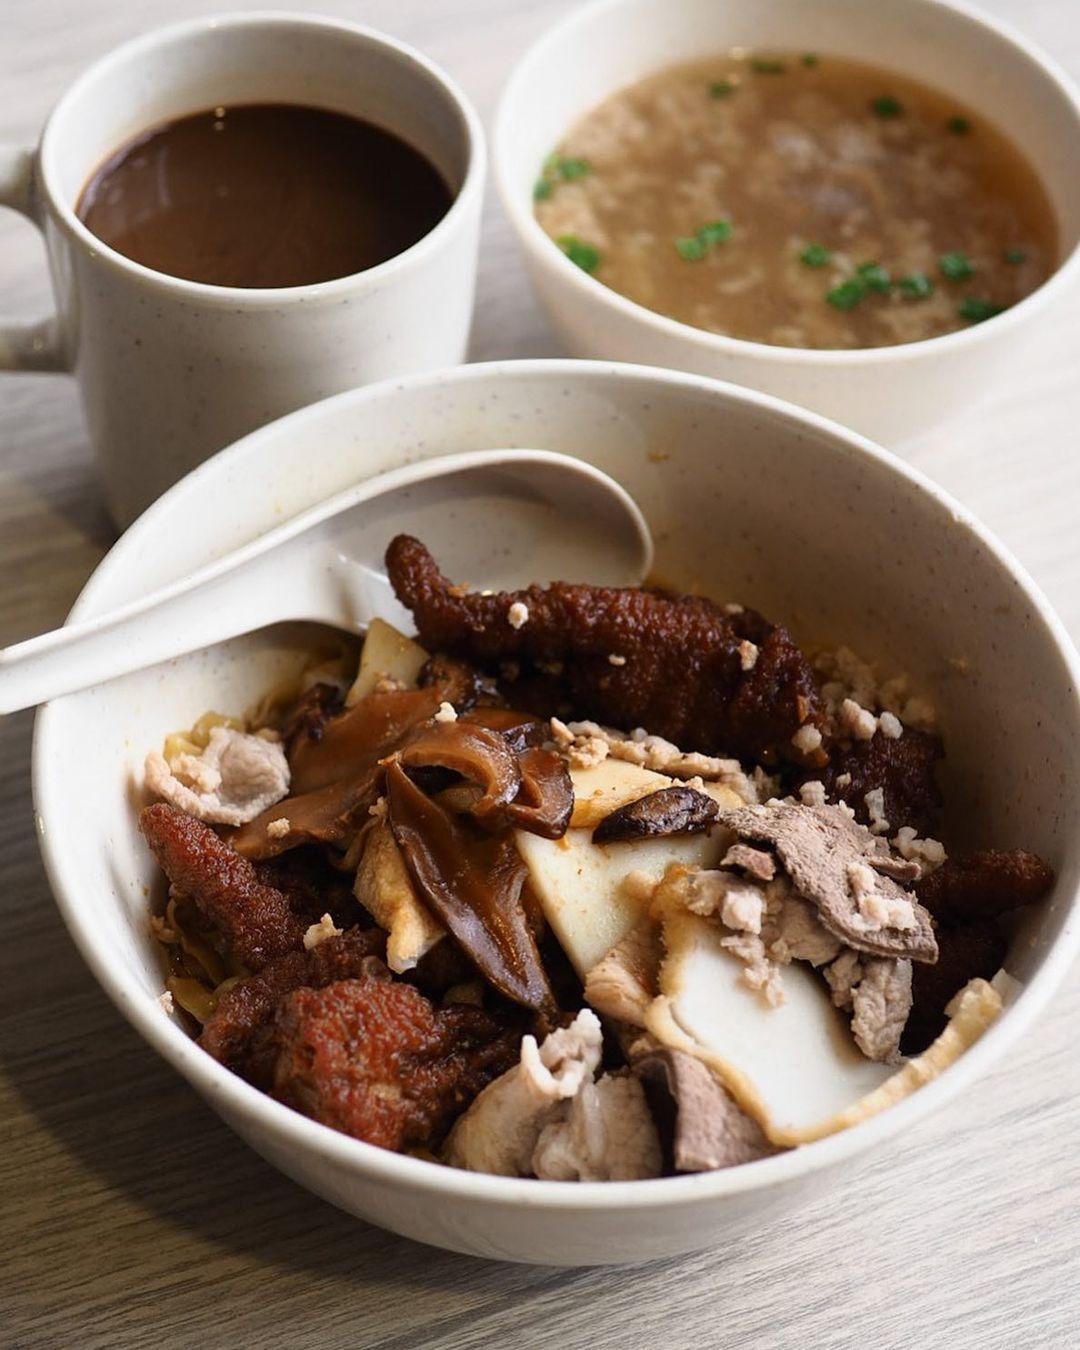 macpherson minced meat noodles